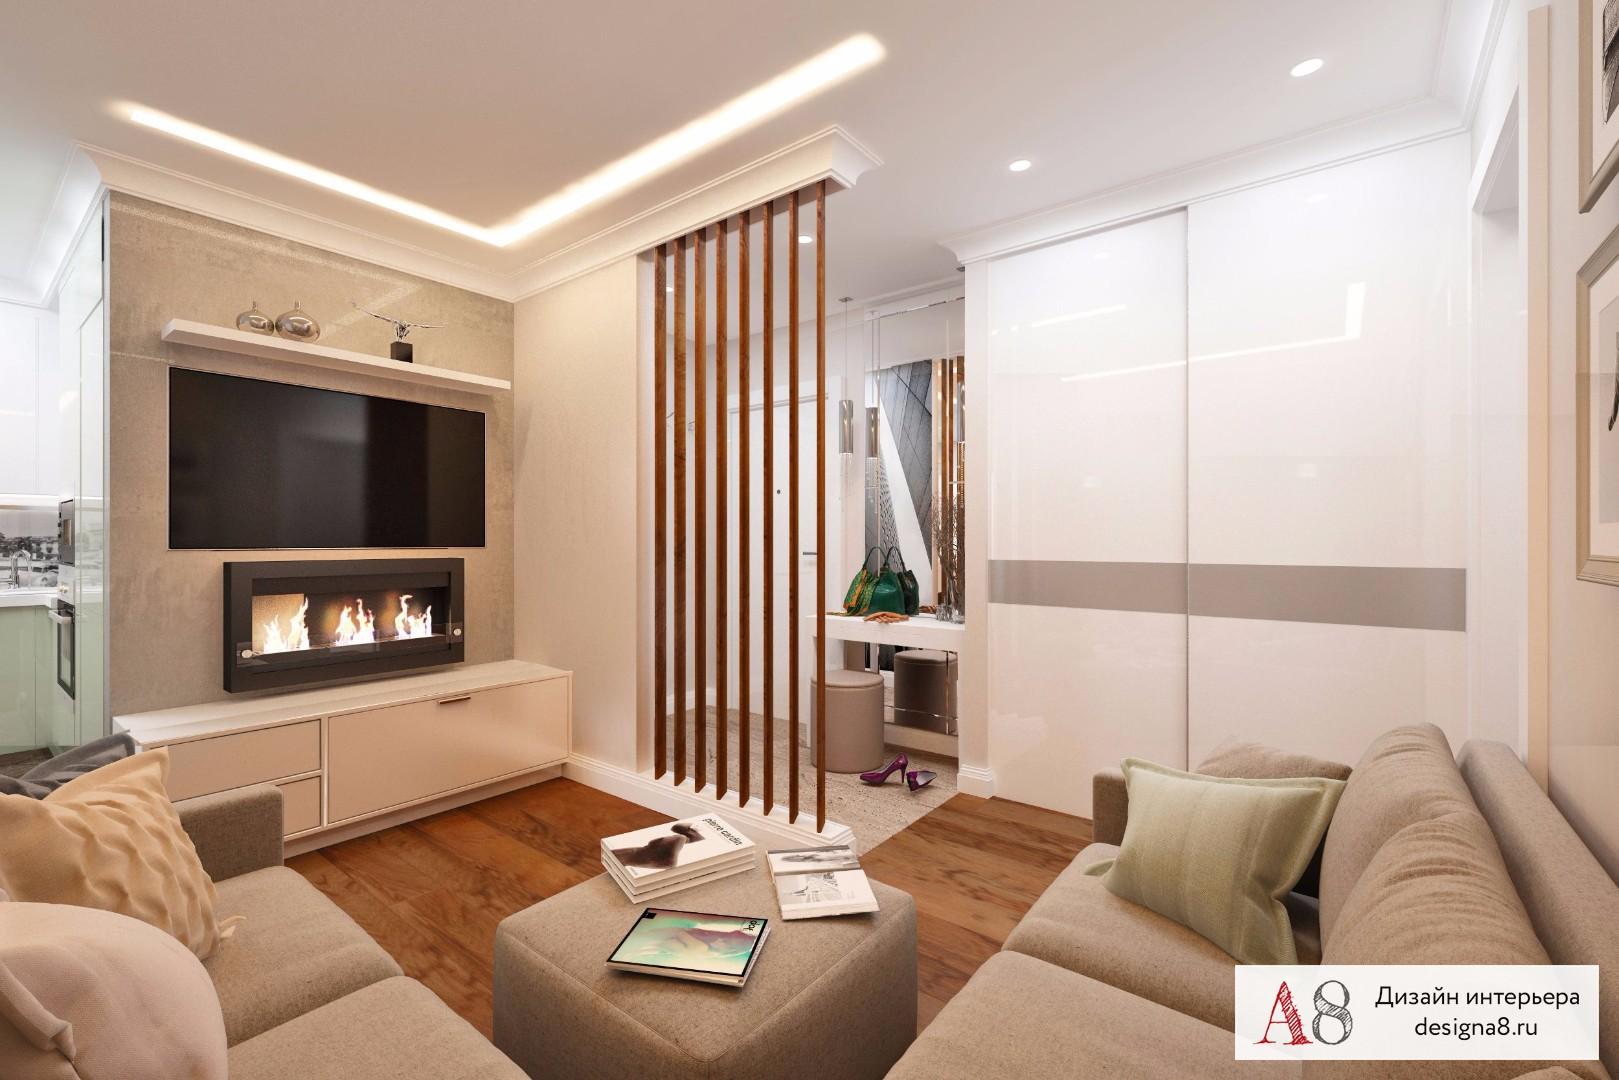 Дизайн двухкомнатной квартиры 60 м